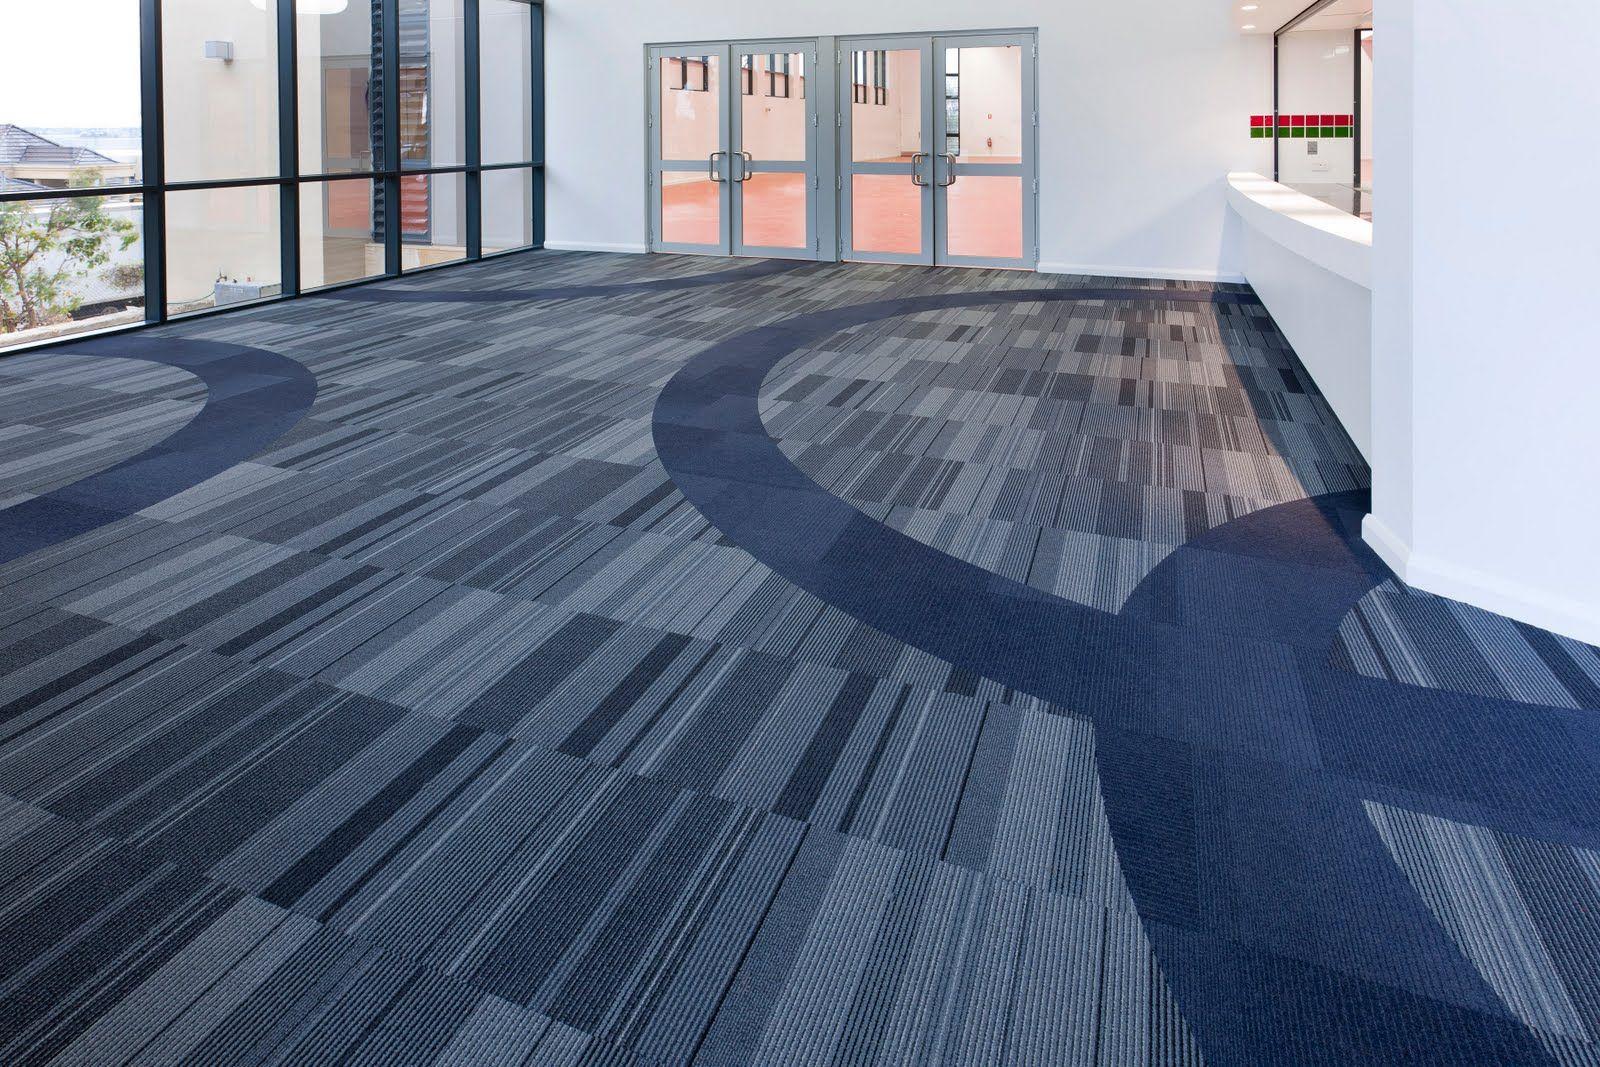 commercial carpet design. blue commercial carpet tiles design r